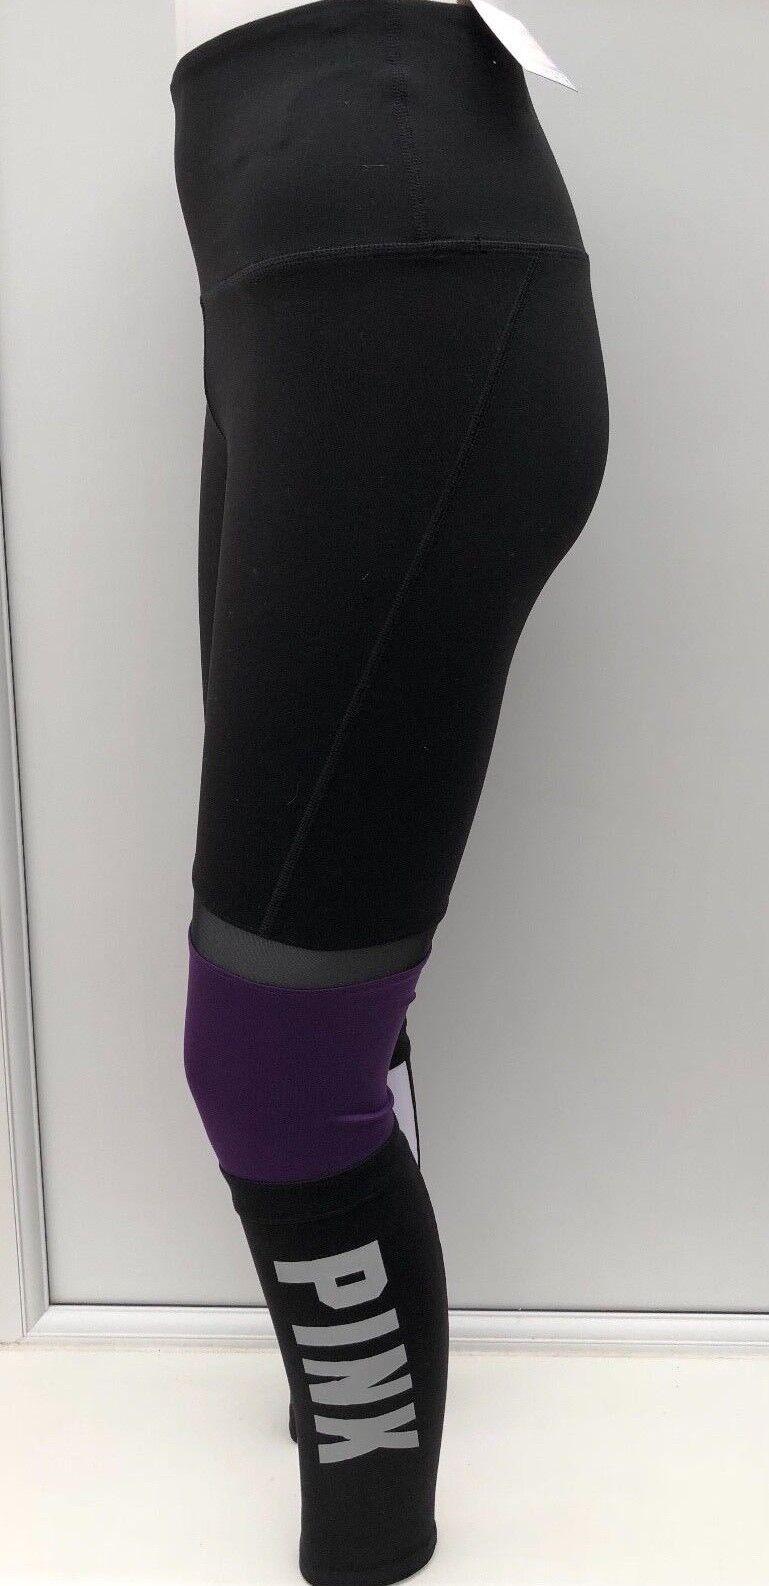 Victoria's Secret Vs rosa Ultimate Ad Alta Vita Leggings girovita taglia S 26-27  nuova con etichetta